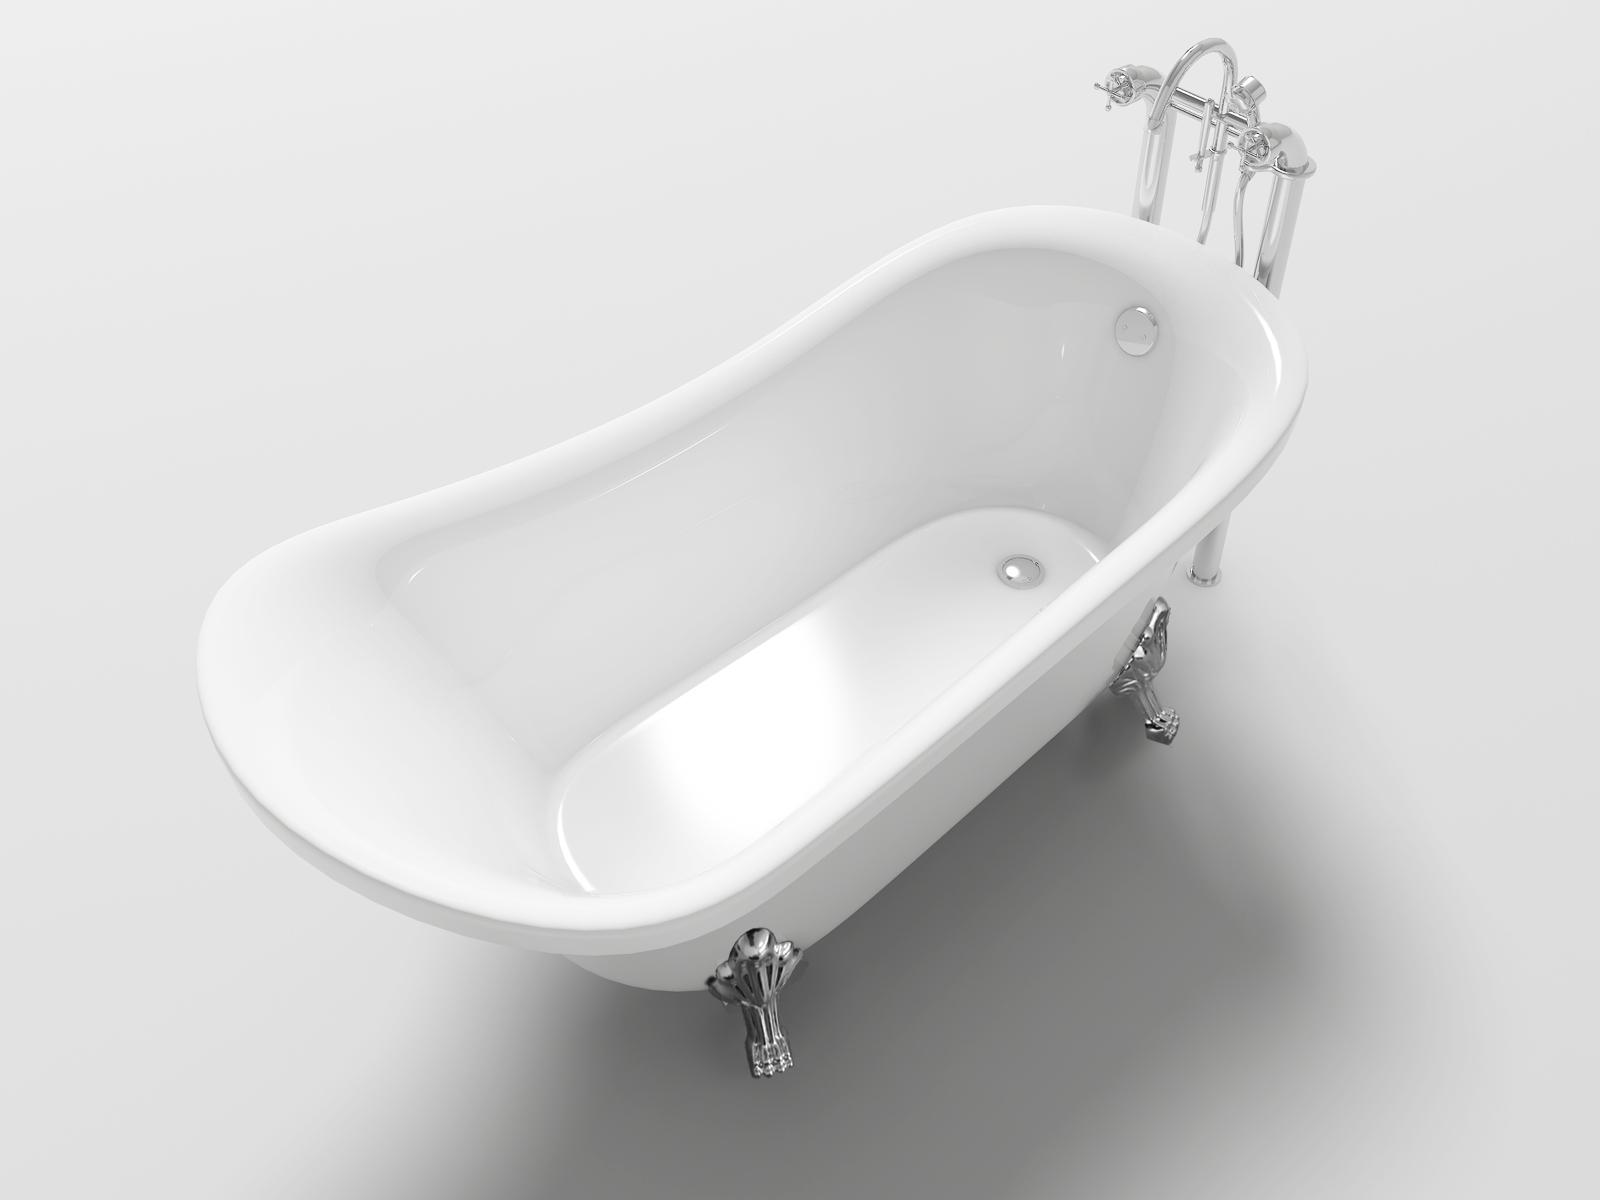 Vasca Da Bagno Old England : Mitepek vasca da bagno in stile inglese freestanding